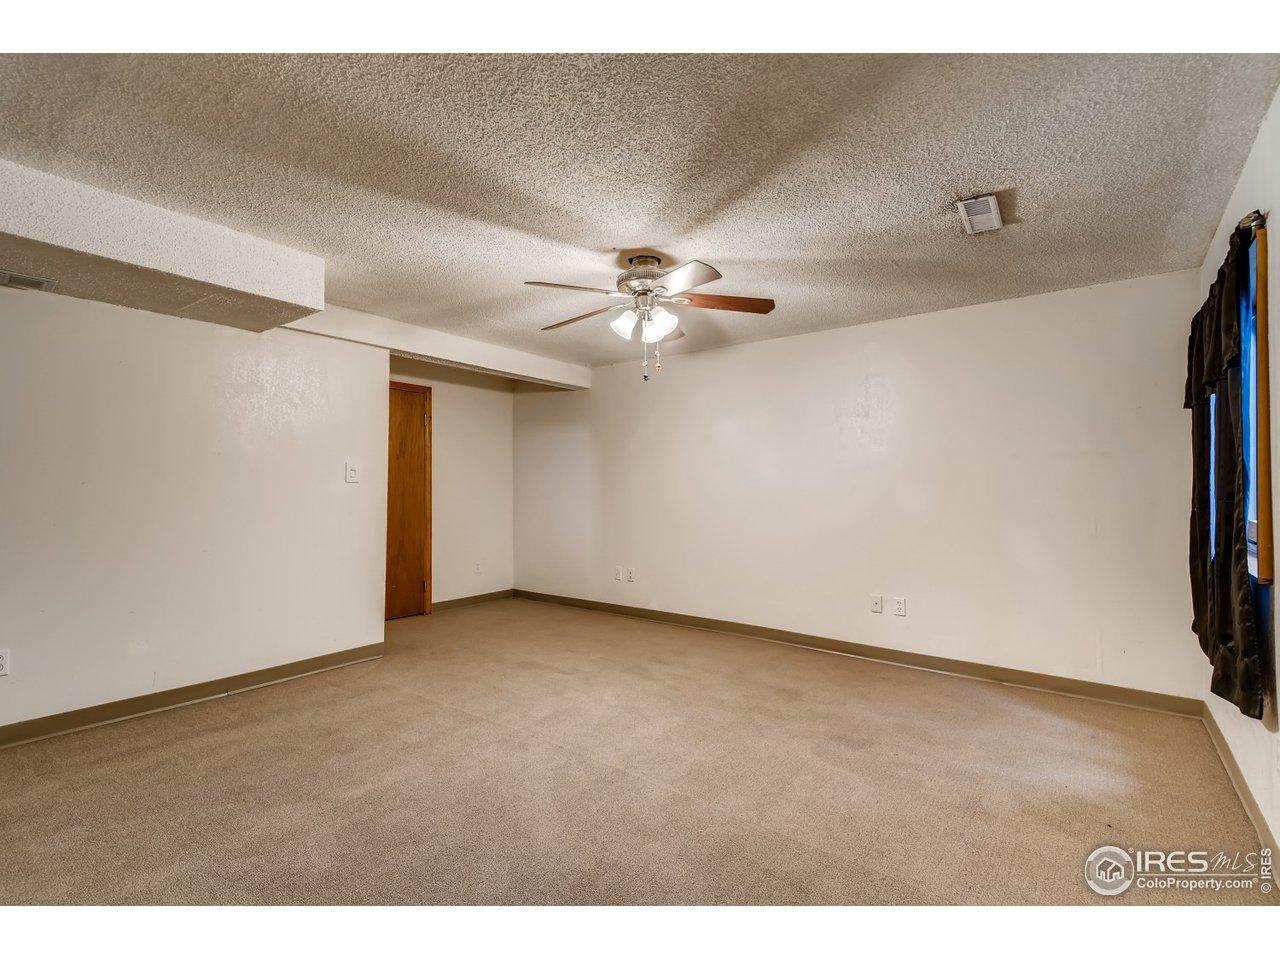 Basement Rec Room